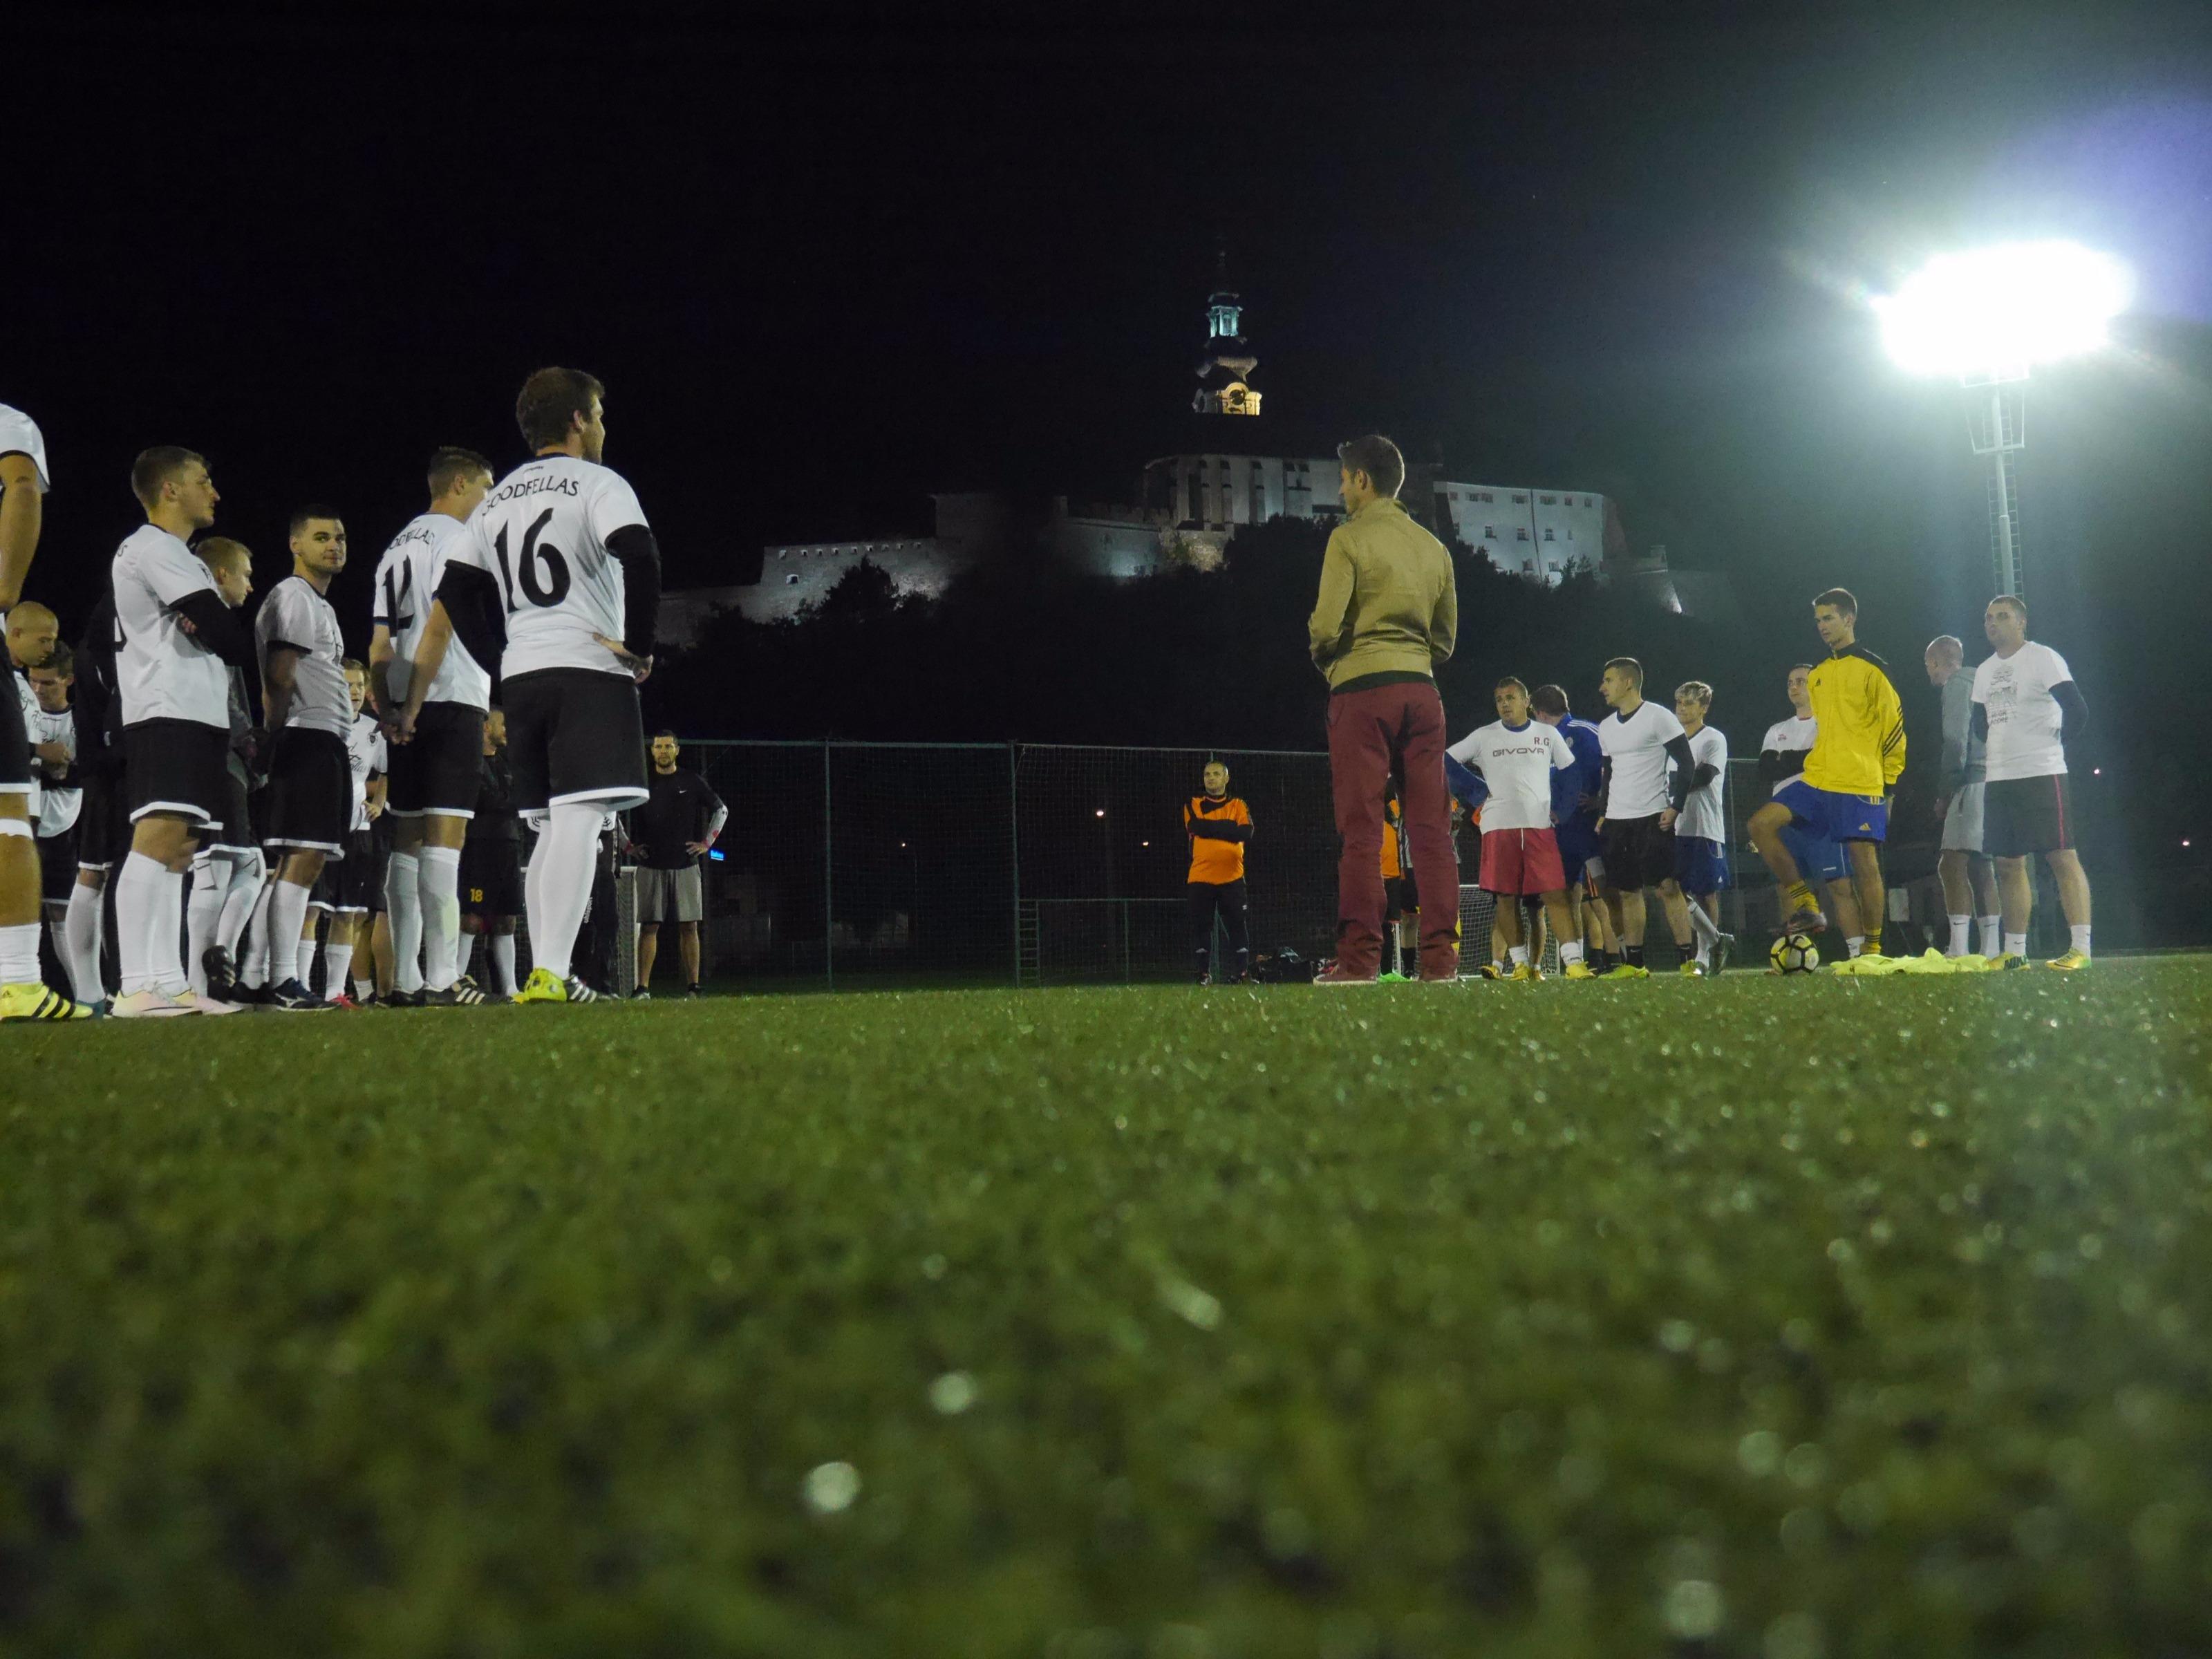 35d6c7e89d616 V Nitre sa odohrali prvé zápasy v malom fut - Kam v meste | moja Nitra